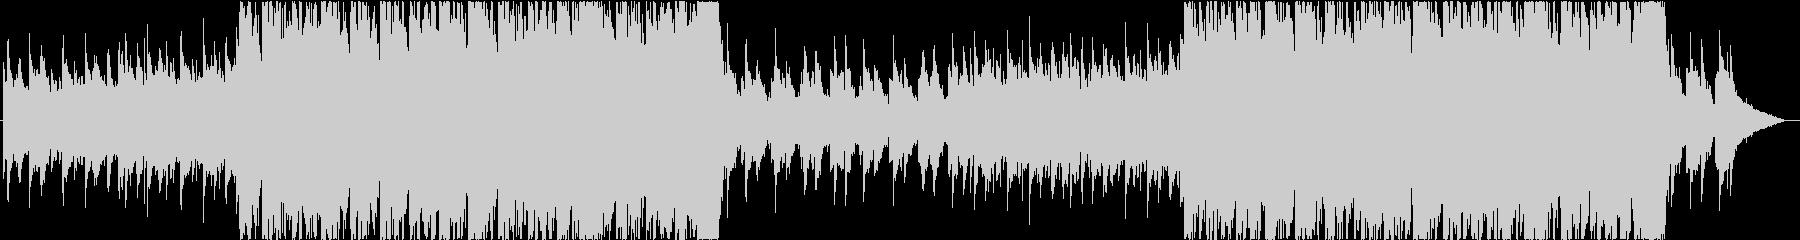 ピアノドキュメンタリートラックの未再生の波形